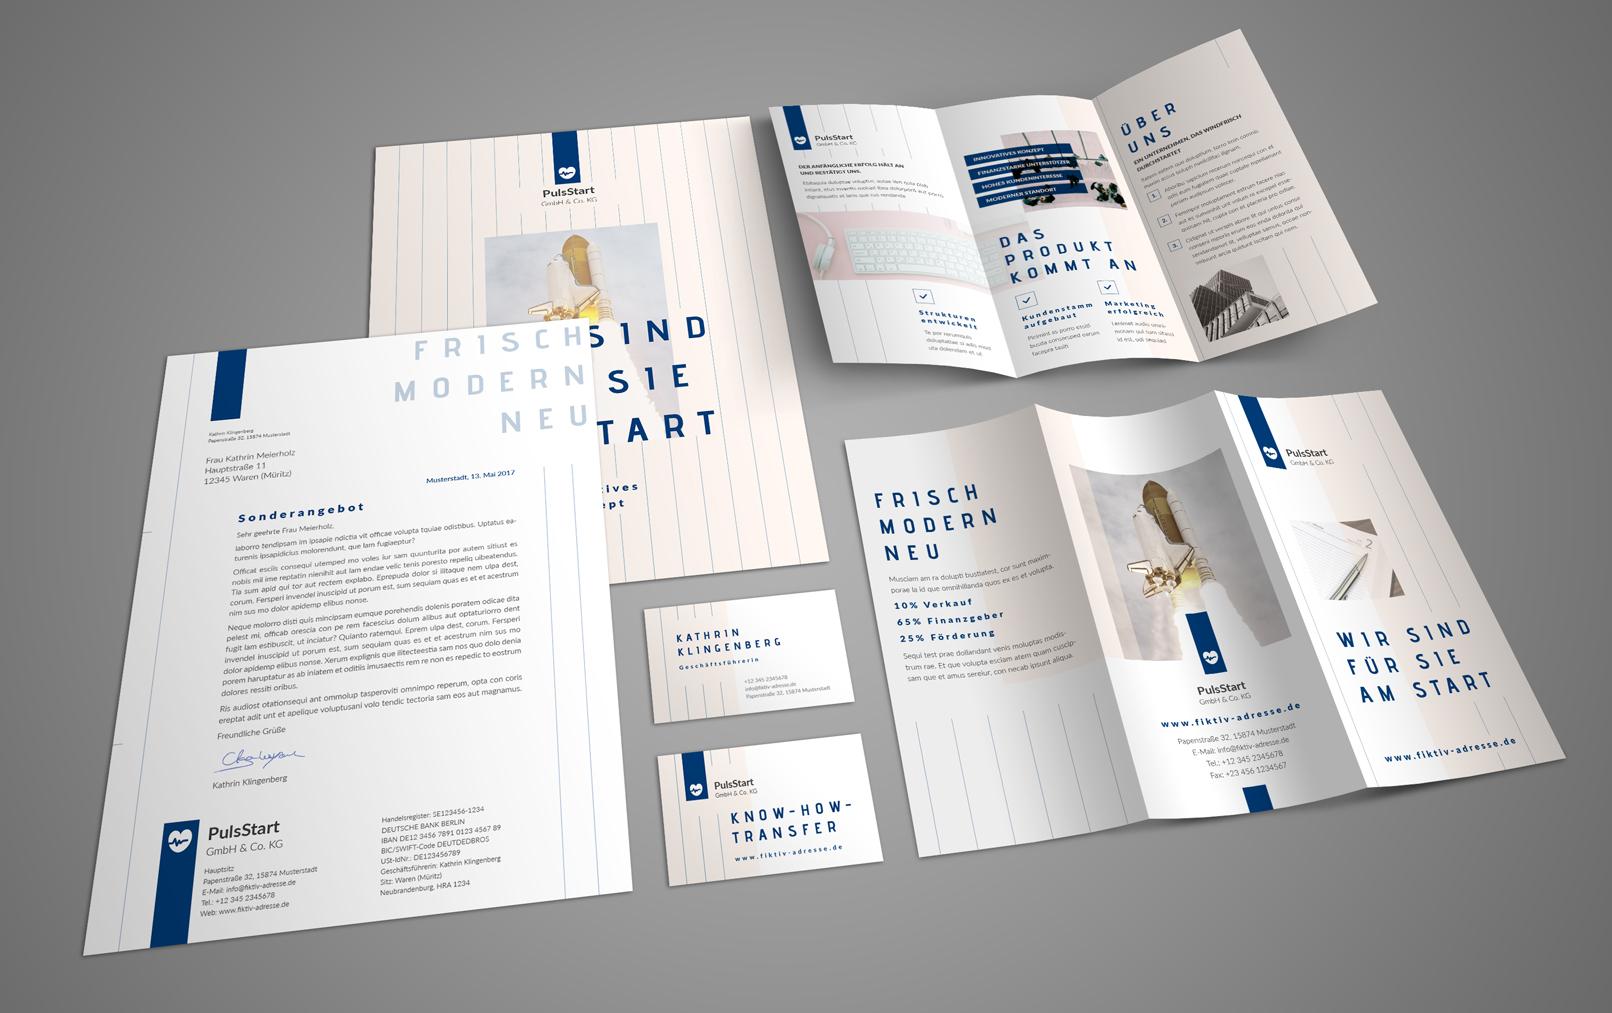 Einheitliche Designs über verschiedene Kommunikationsmittel hinweg: Flyer, Briefpapier, Visitenkarte und mehr